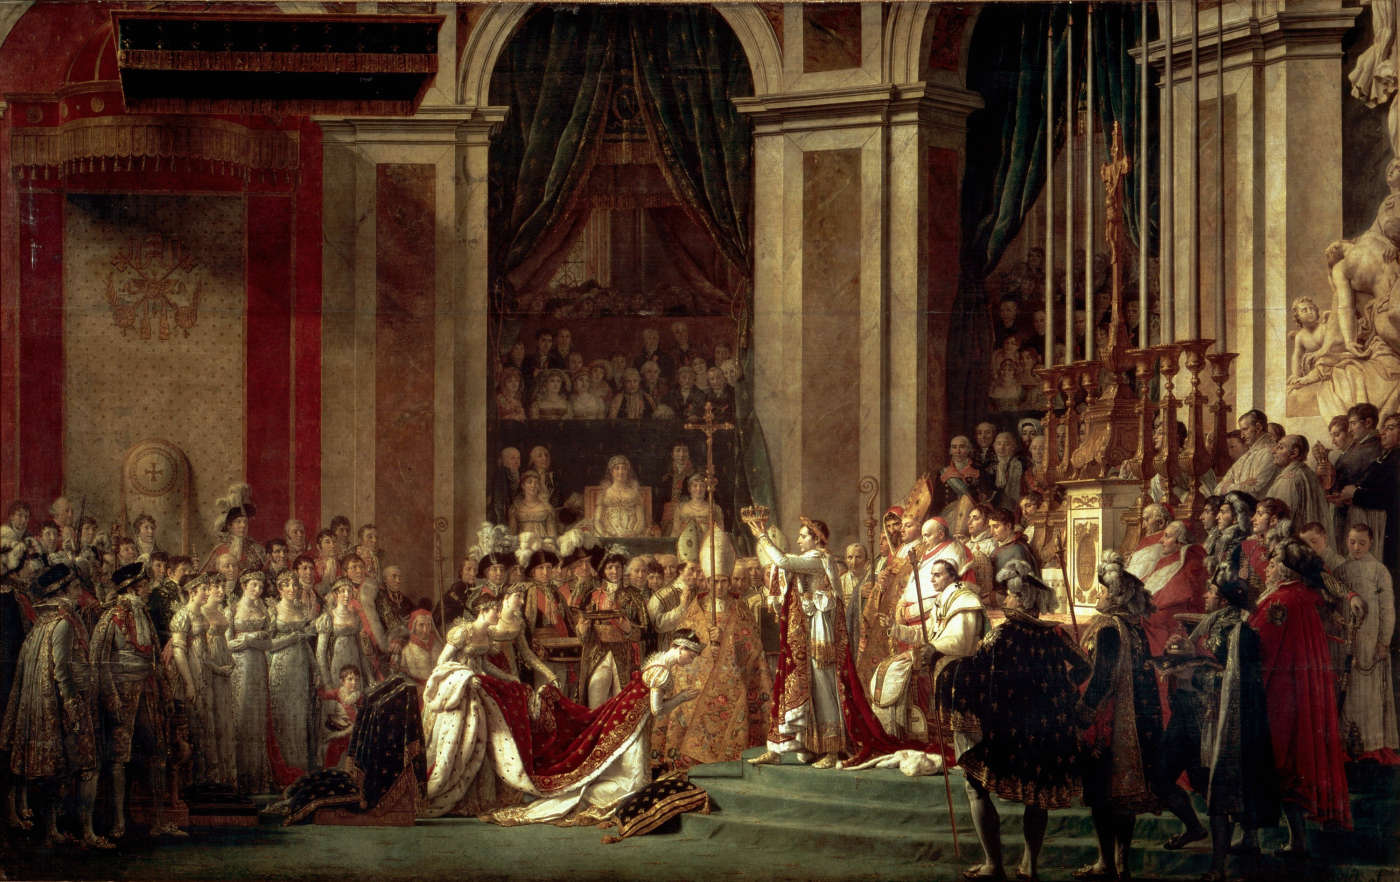 Cuadro de la Coronacion de Napoleon